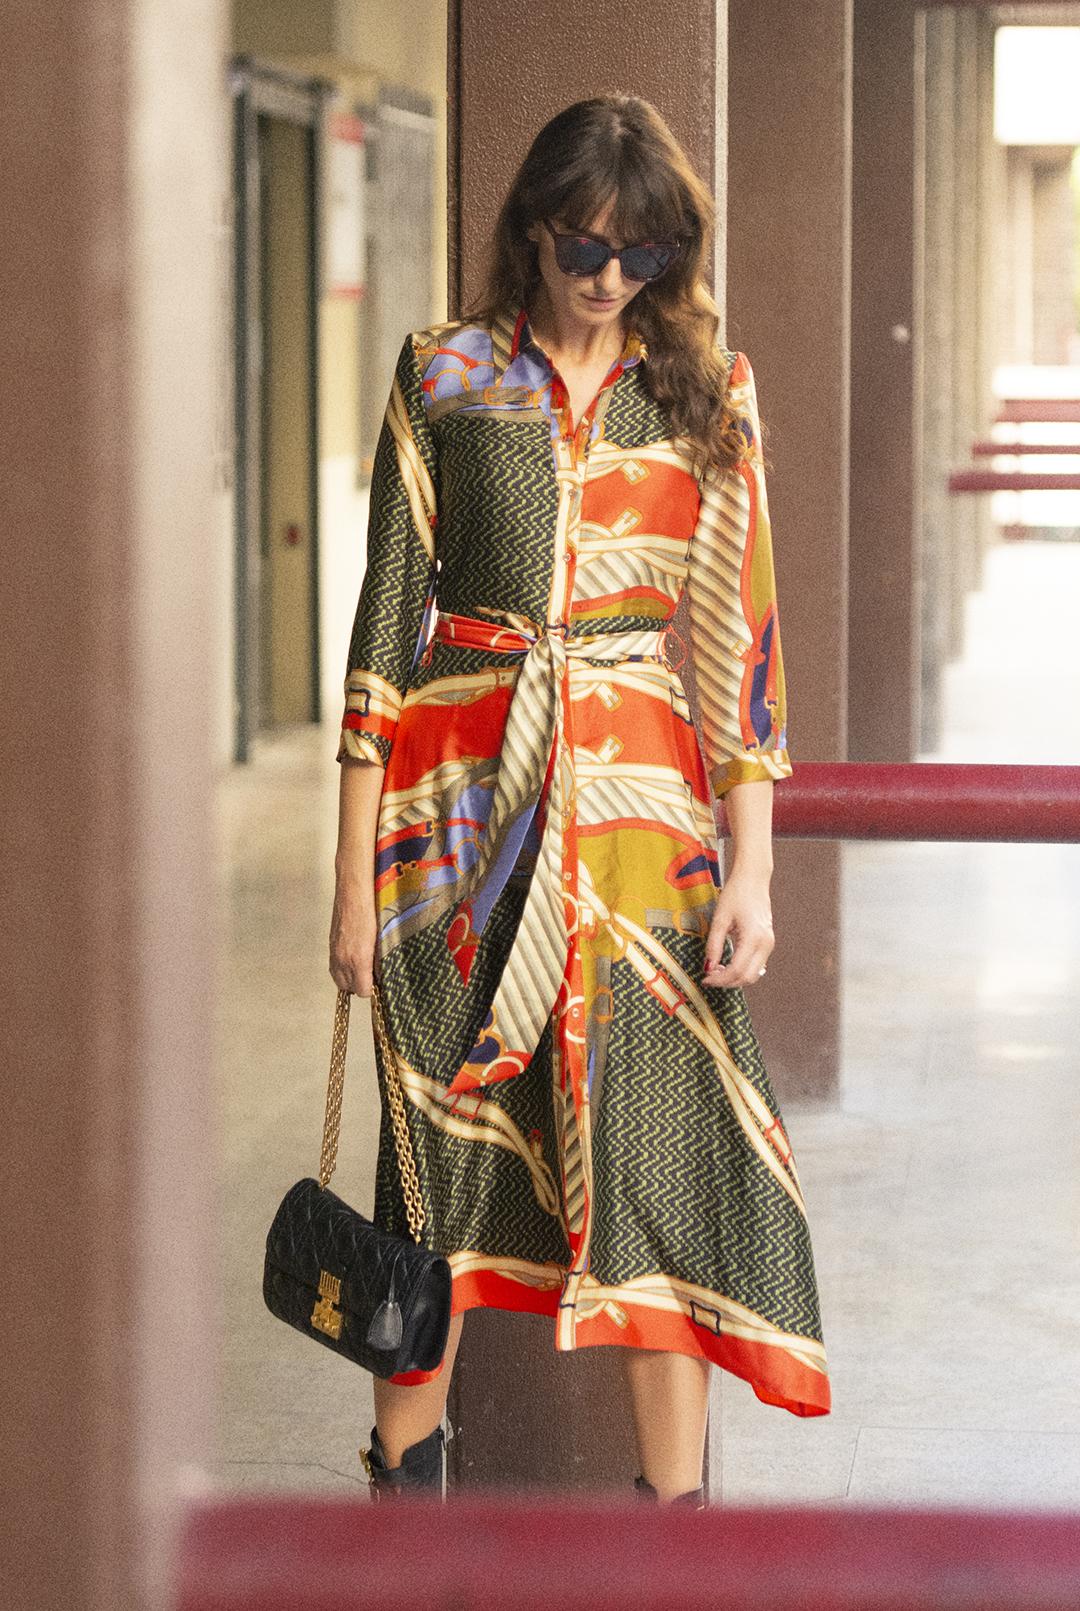 vestido-pañuelo-streetstyle-mitmeblog-01 copia